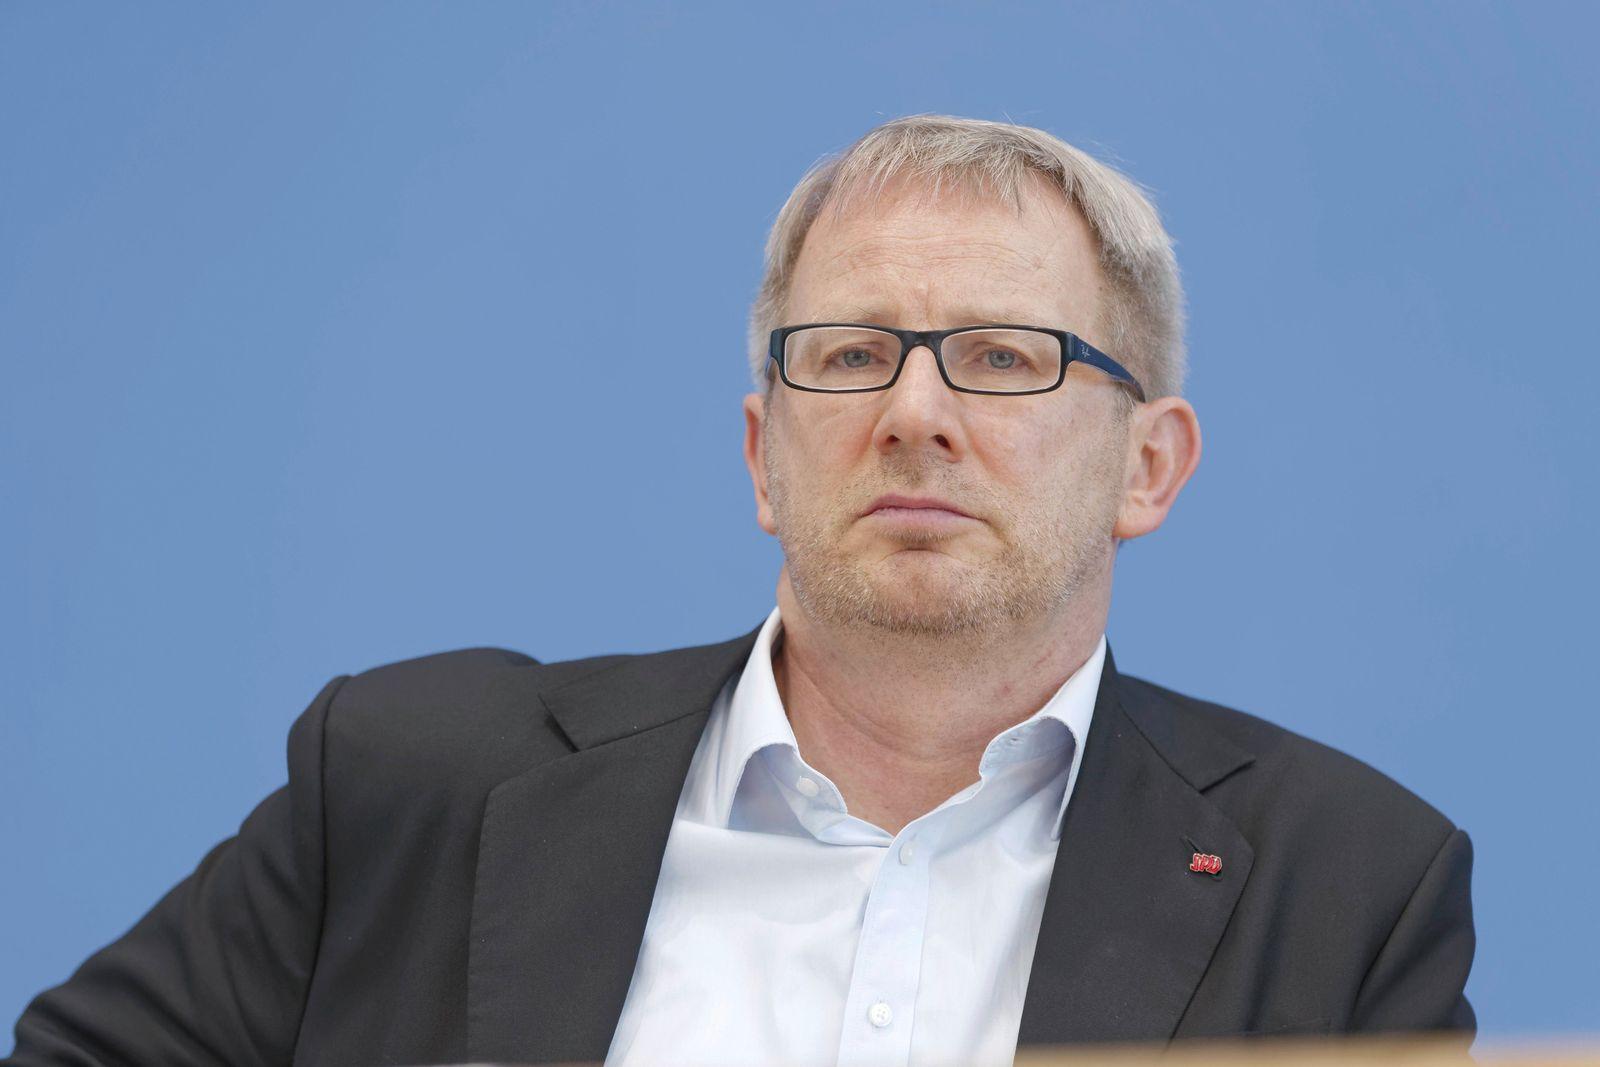 Johannes Kahrs 2018-06-28, Berlin, Deutschland - Regierungs- und Oppositionsparteien unterrichten die Bundespressekonfe